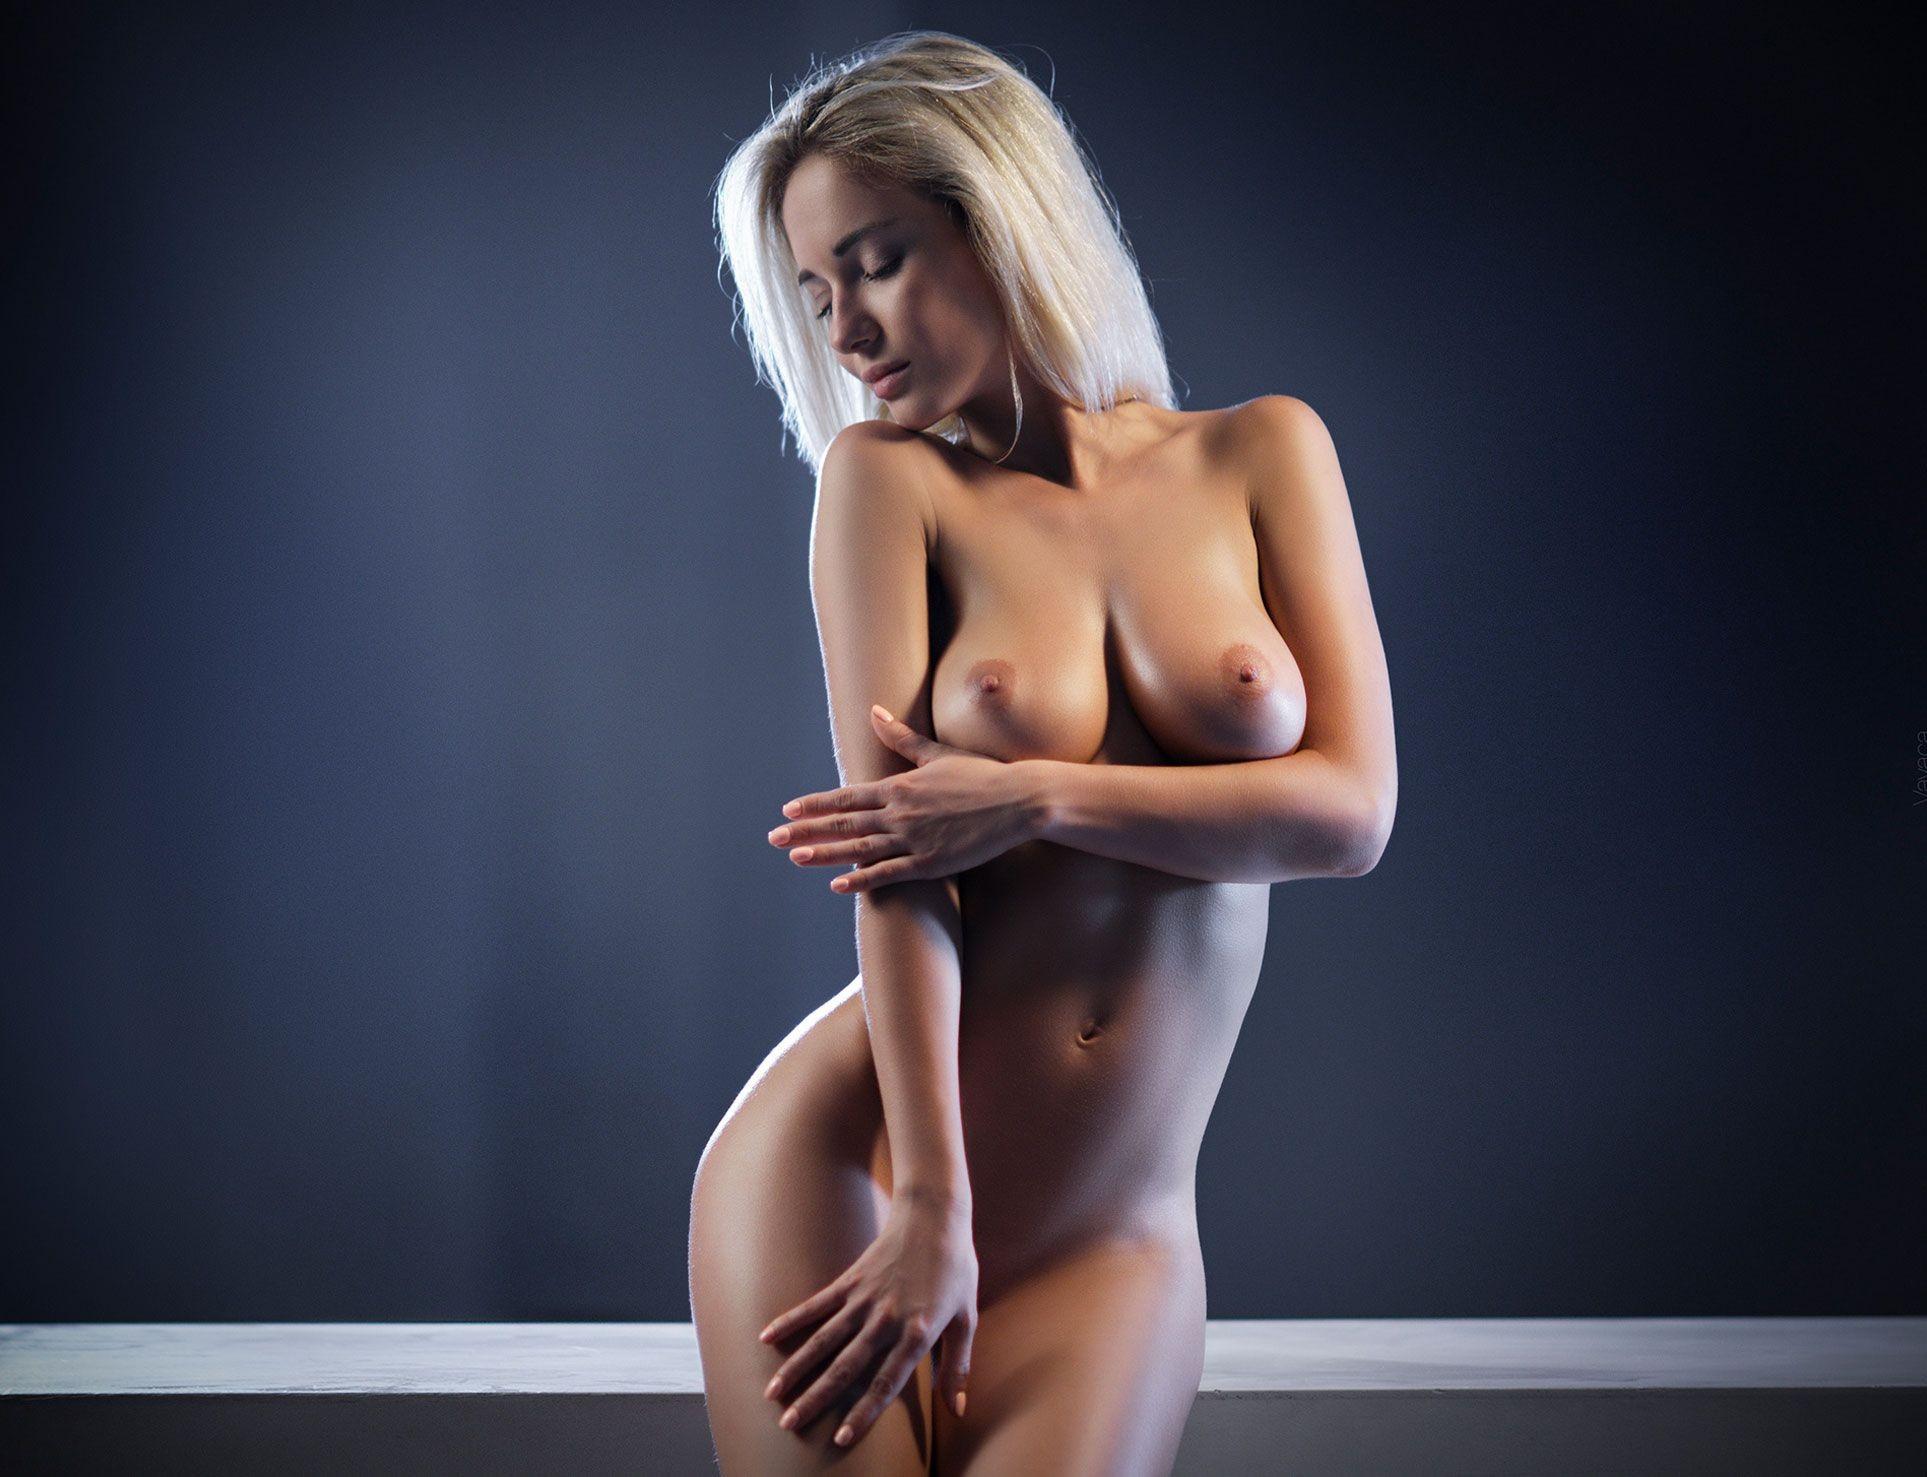 Голые Красивые Девушки Фото Hd Качество